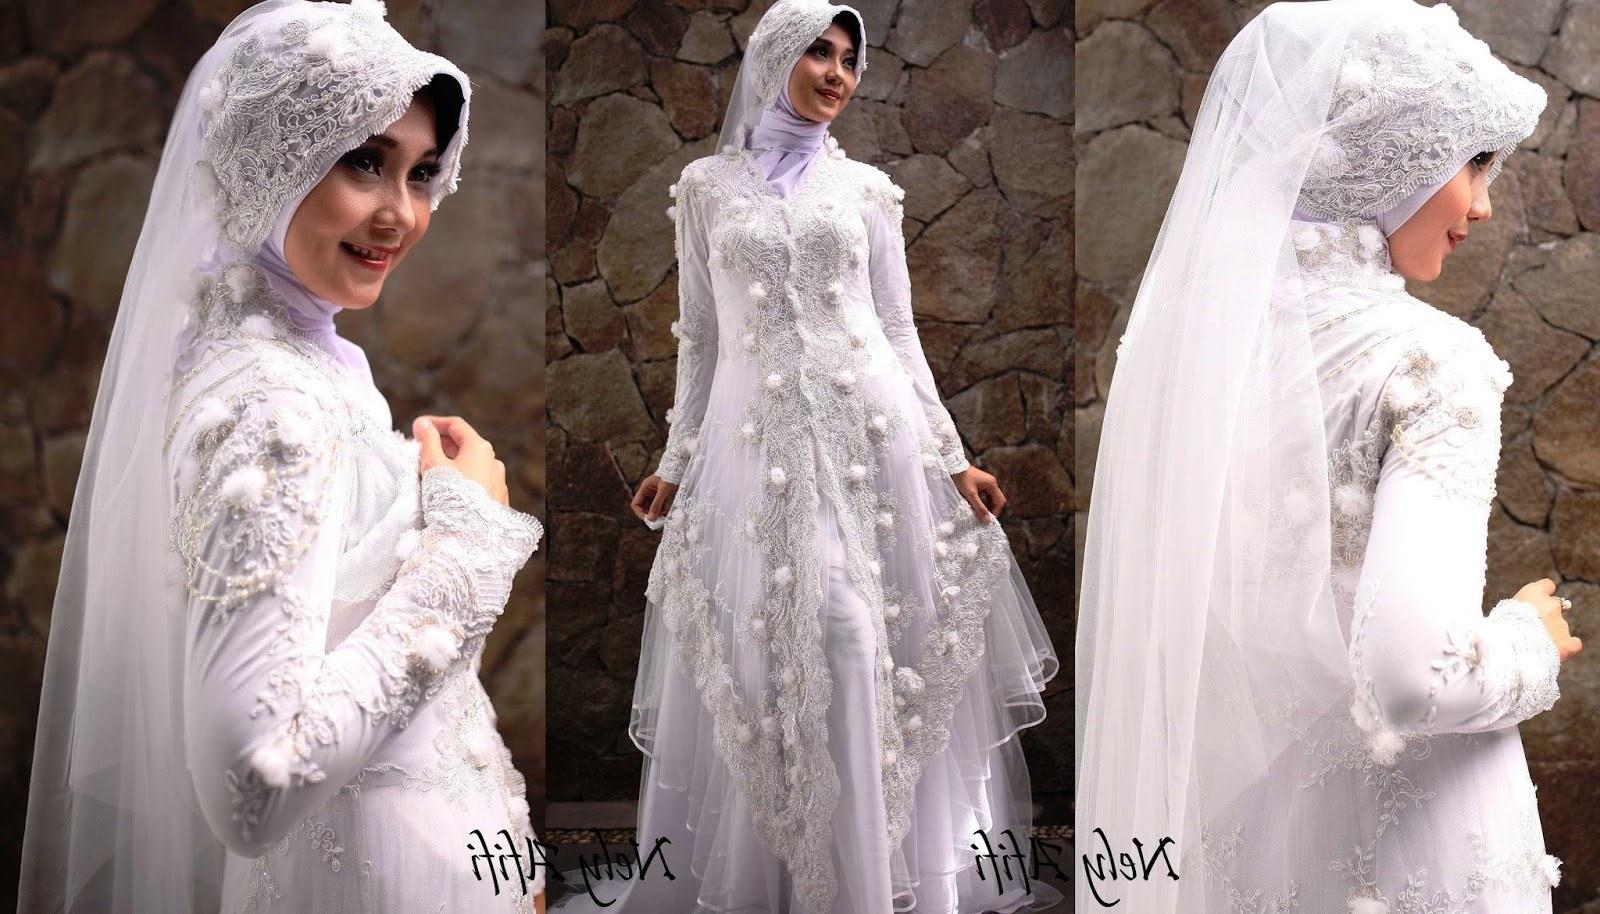 Model Gaun Muslimah Pengantin Zwd9 43 Inspirasi Terpopuler Baju Pengantin Muslim Sederhana Putih